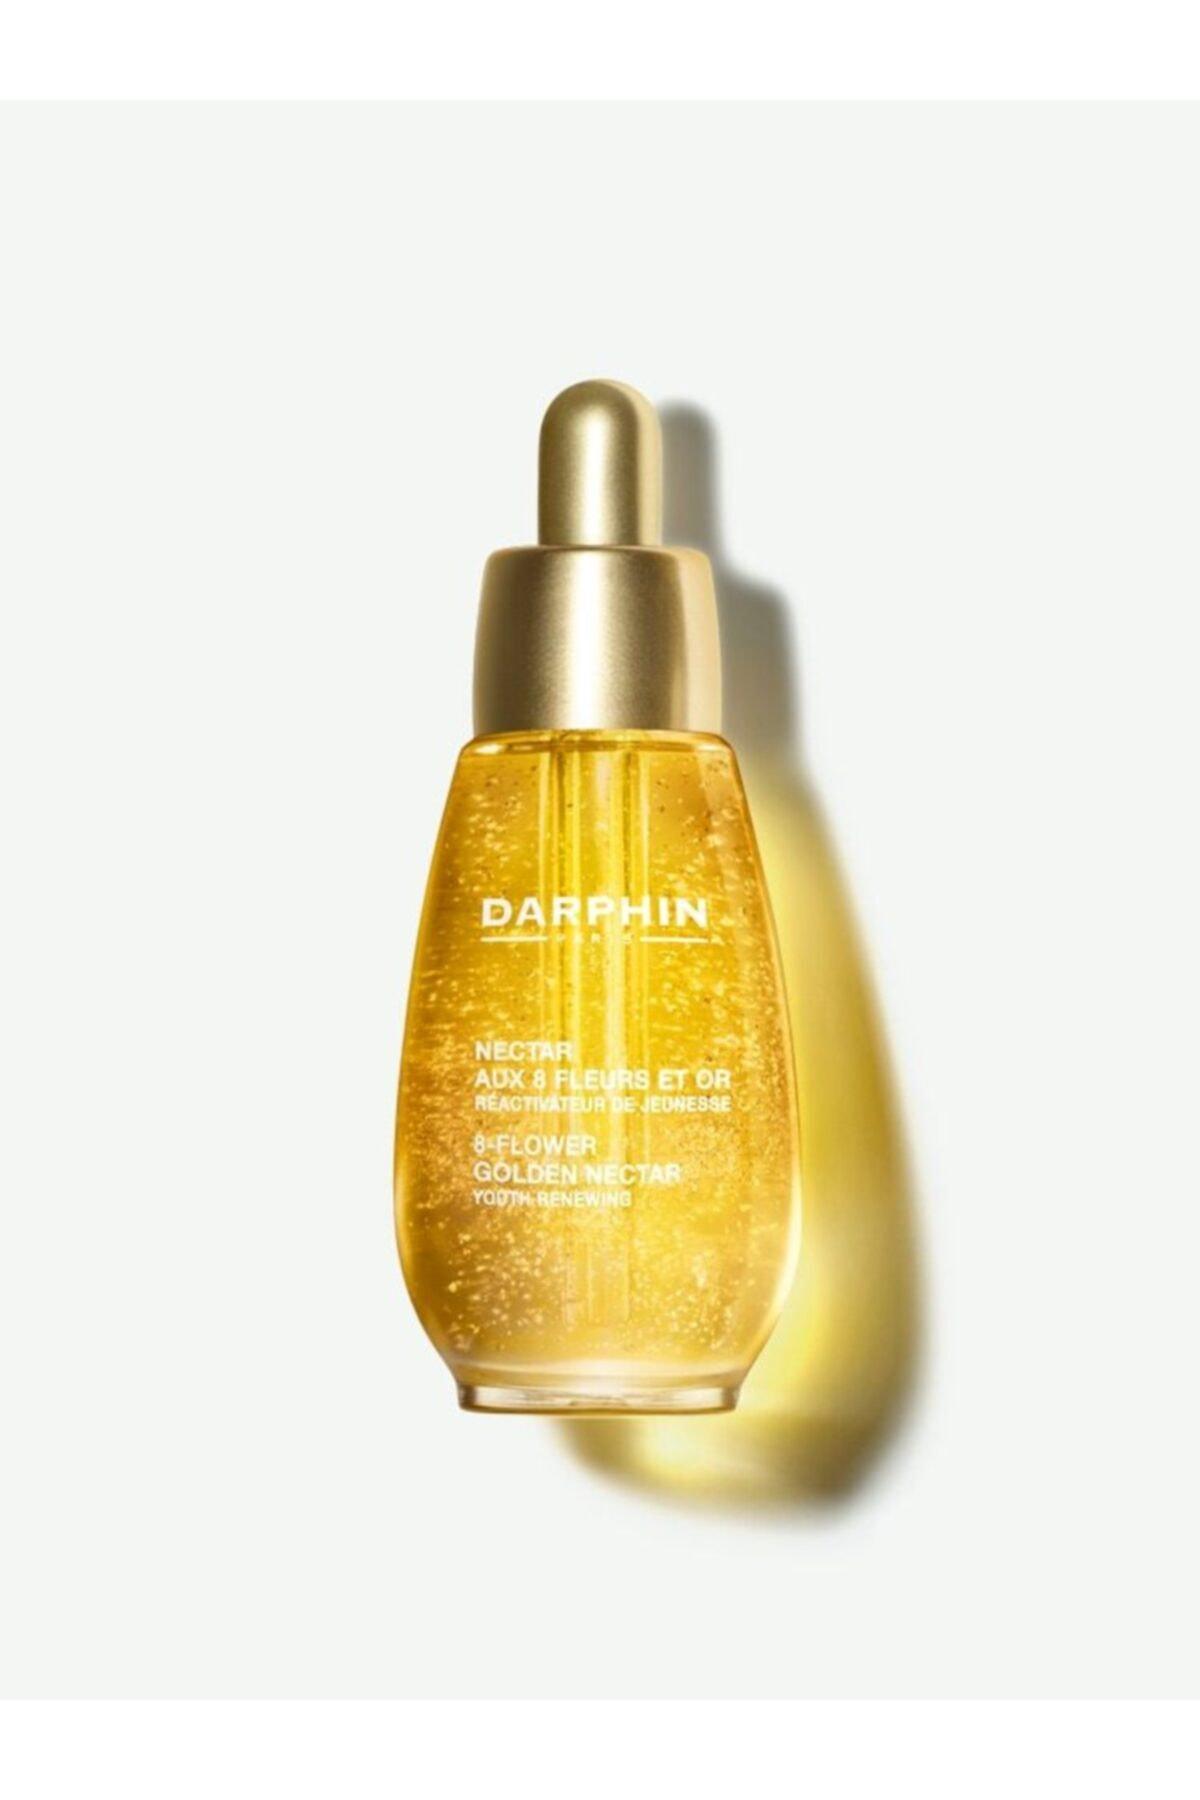 Darphin Altın Tanecikli Aromatik Bakım- 8-Flower Golden Nectar Youth Renewing 30 ml 882381096724 1